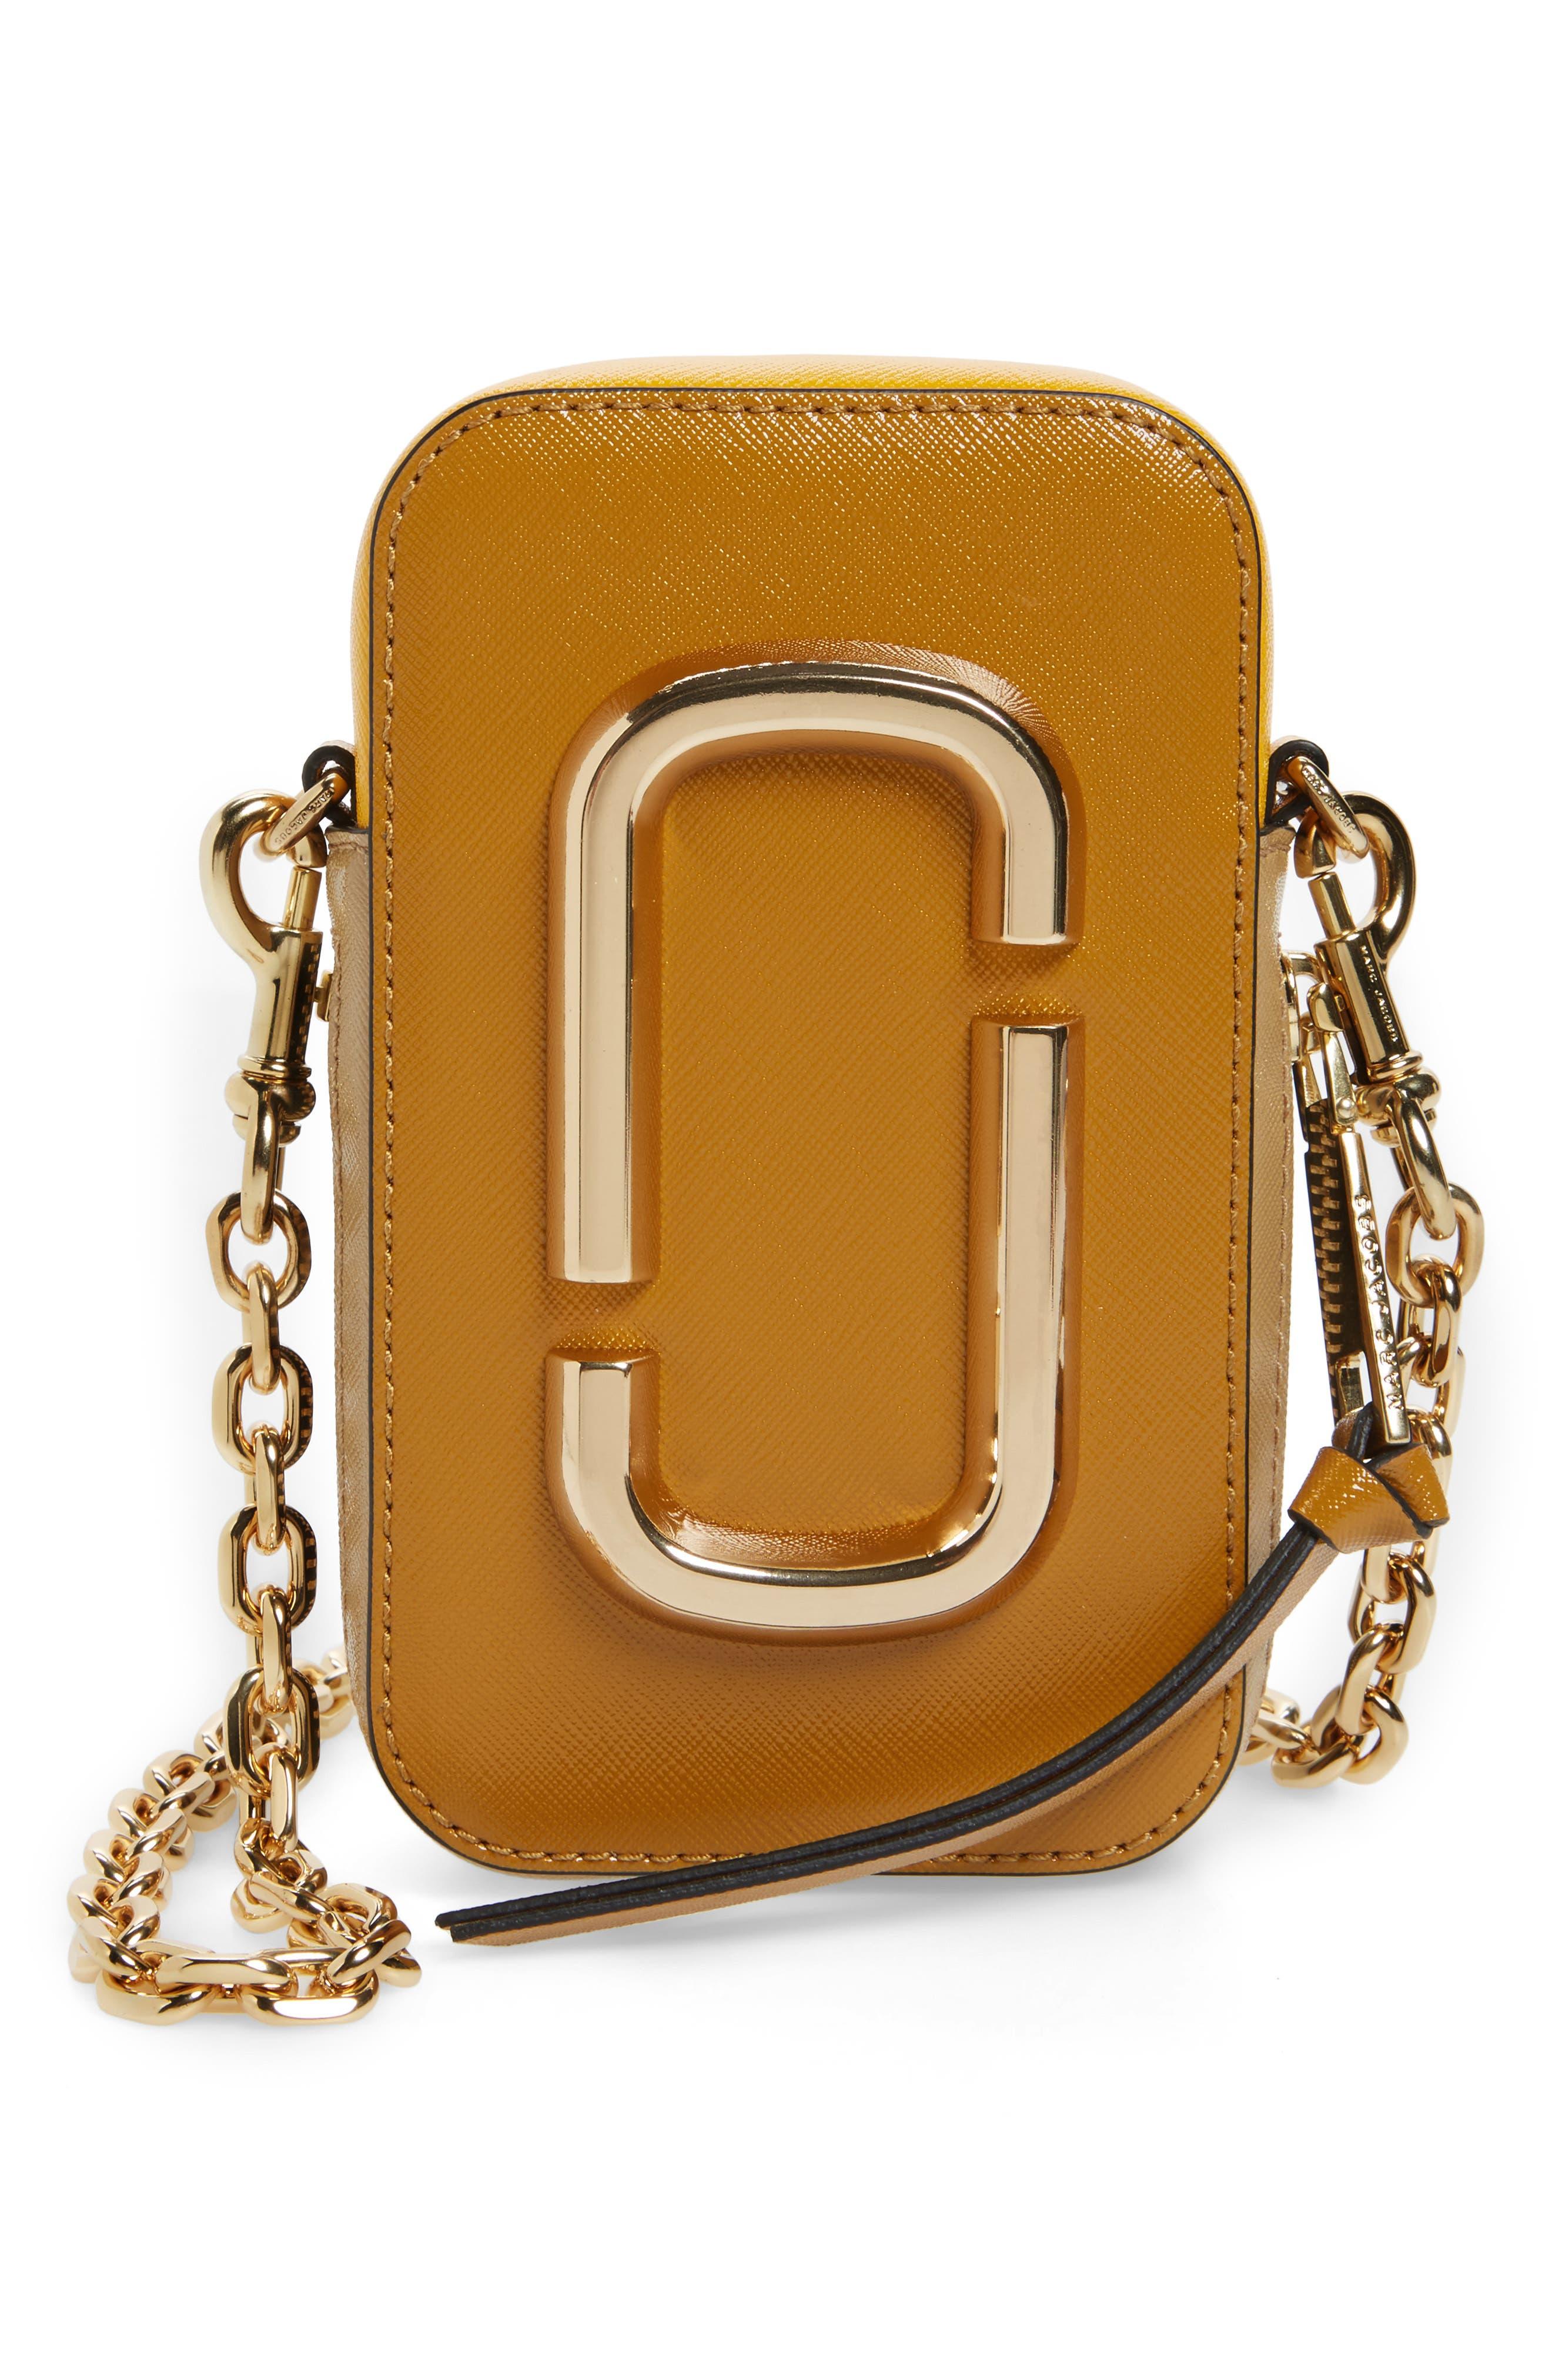 MARC JACOBS Hot Shot Saffiano Leather Shoulder Bag